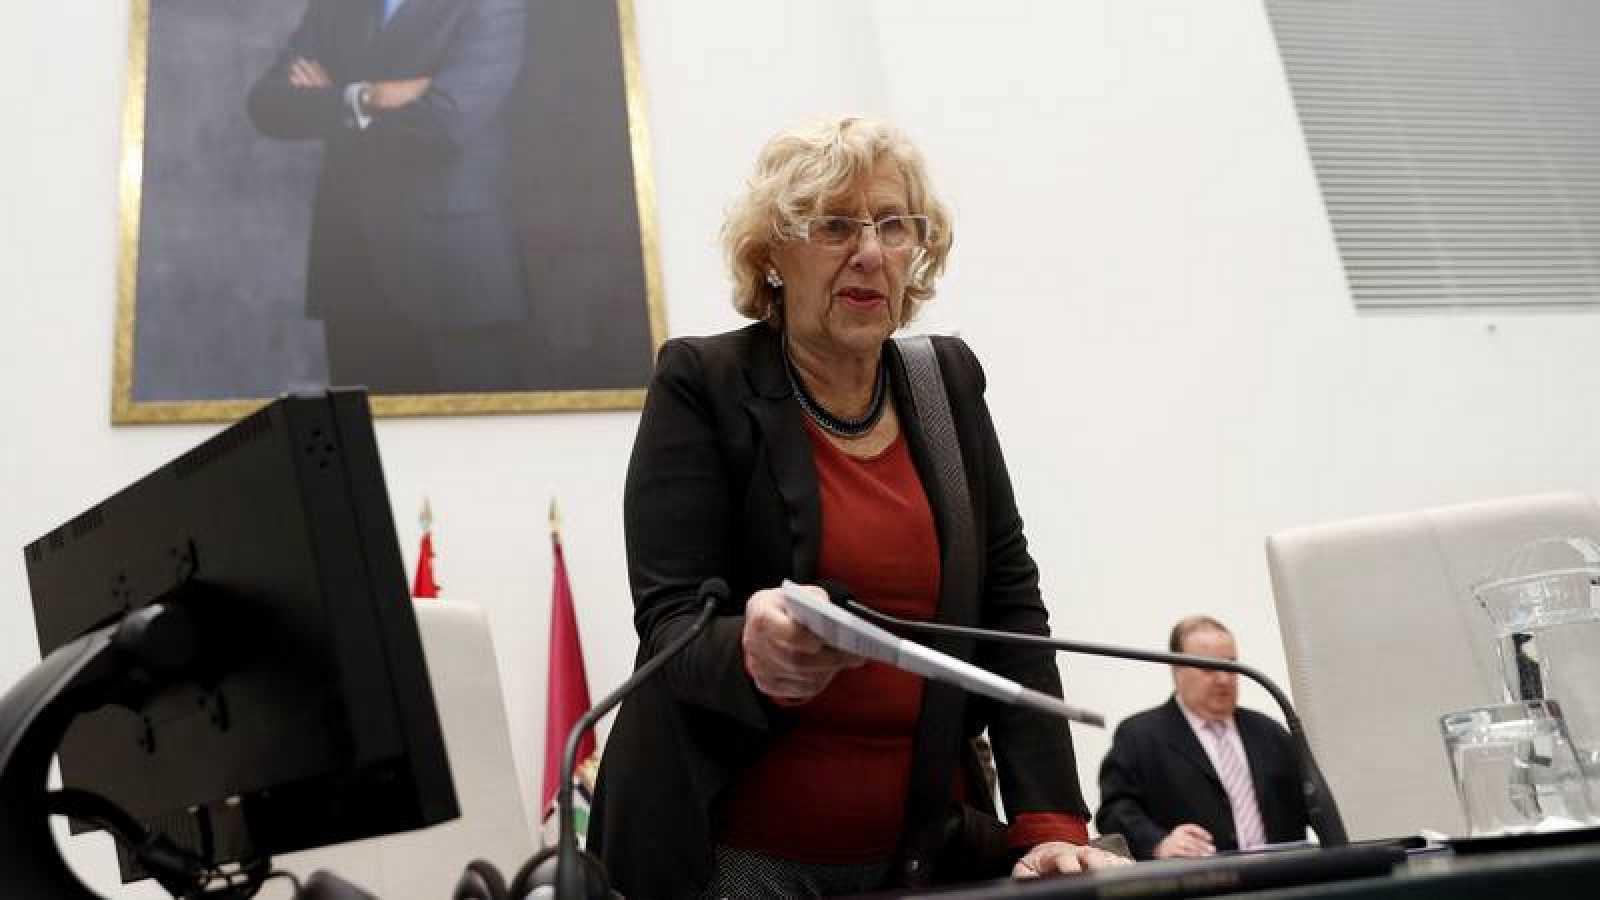 La alcaldesa de Madrid, Manuela Carmena, en una imagen de archivo tras un pleno en el Ayuntamiento